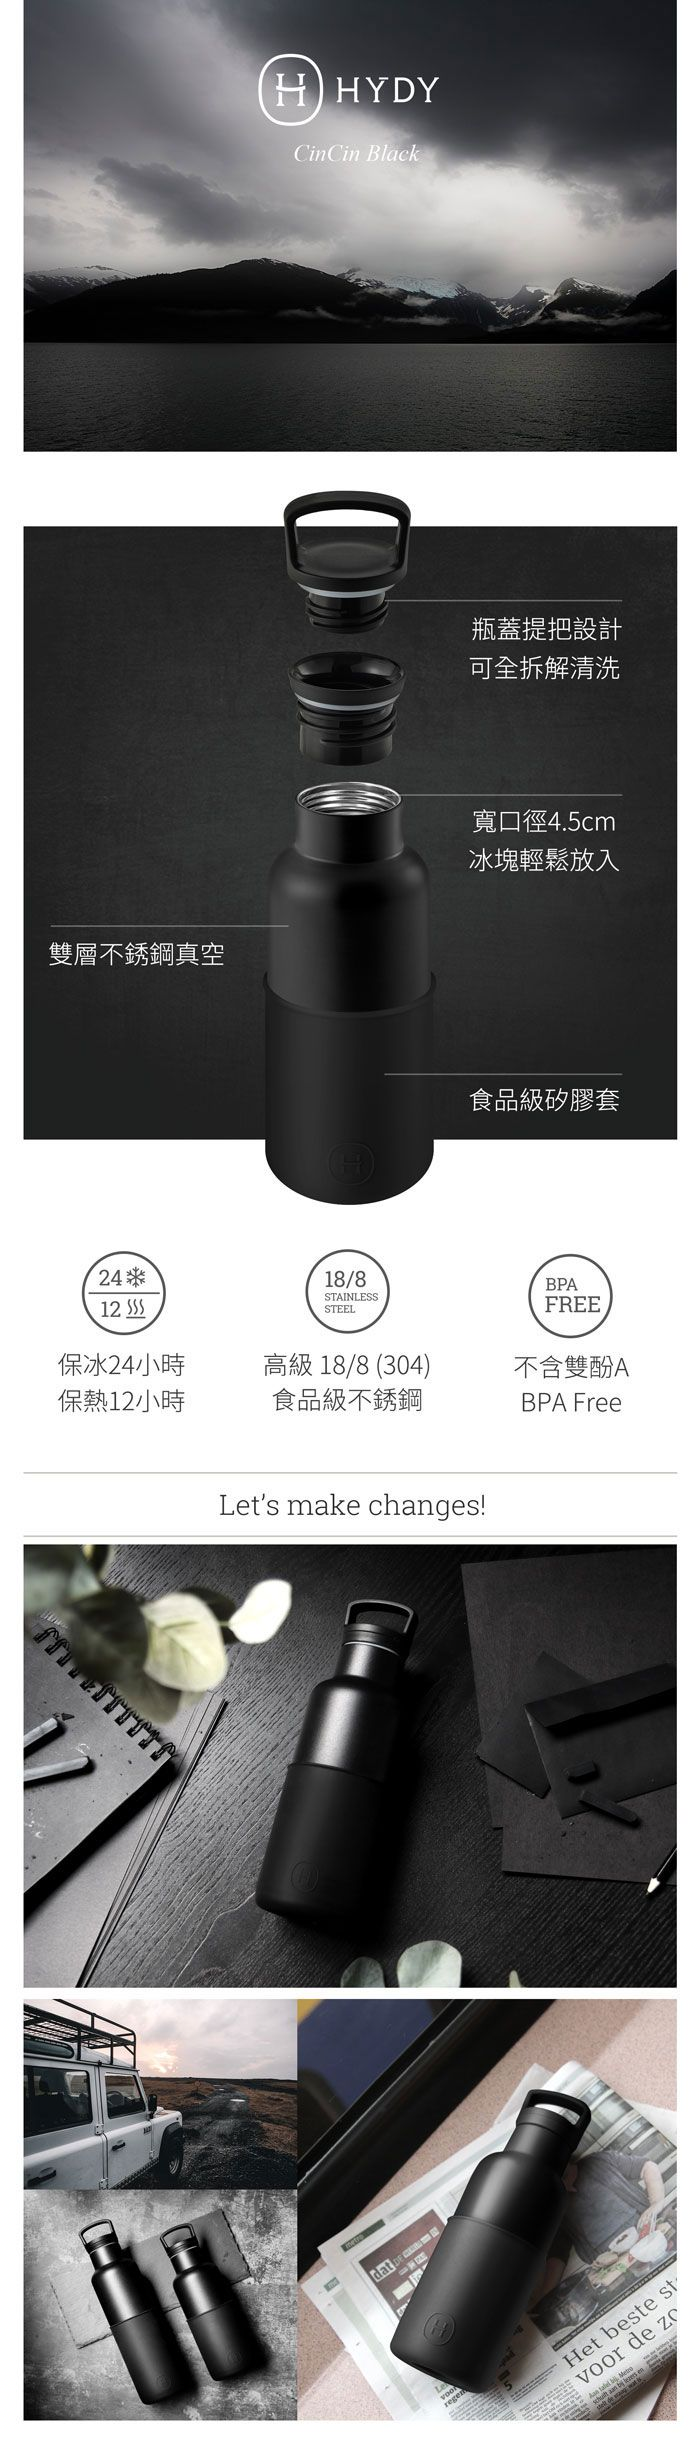 美國 HYDY 時尚不銹鋼保溫水瓶 480ml 黑瓶 (油墨黑)